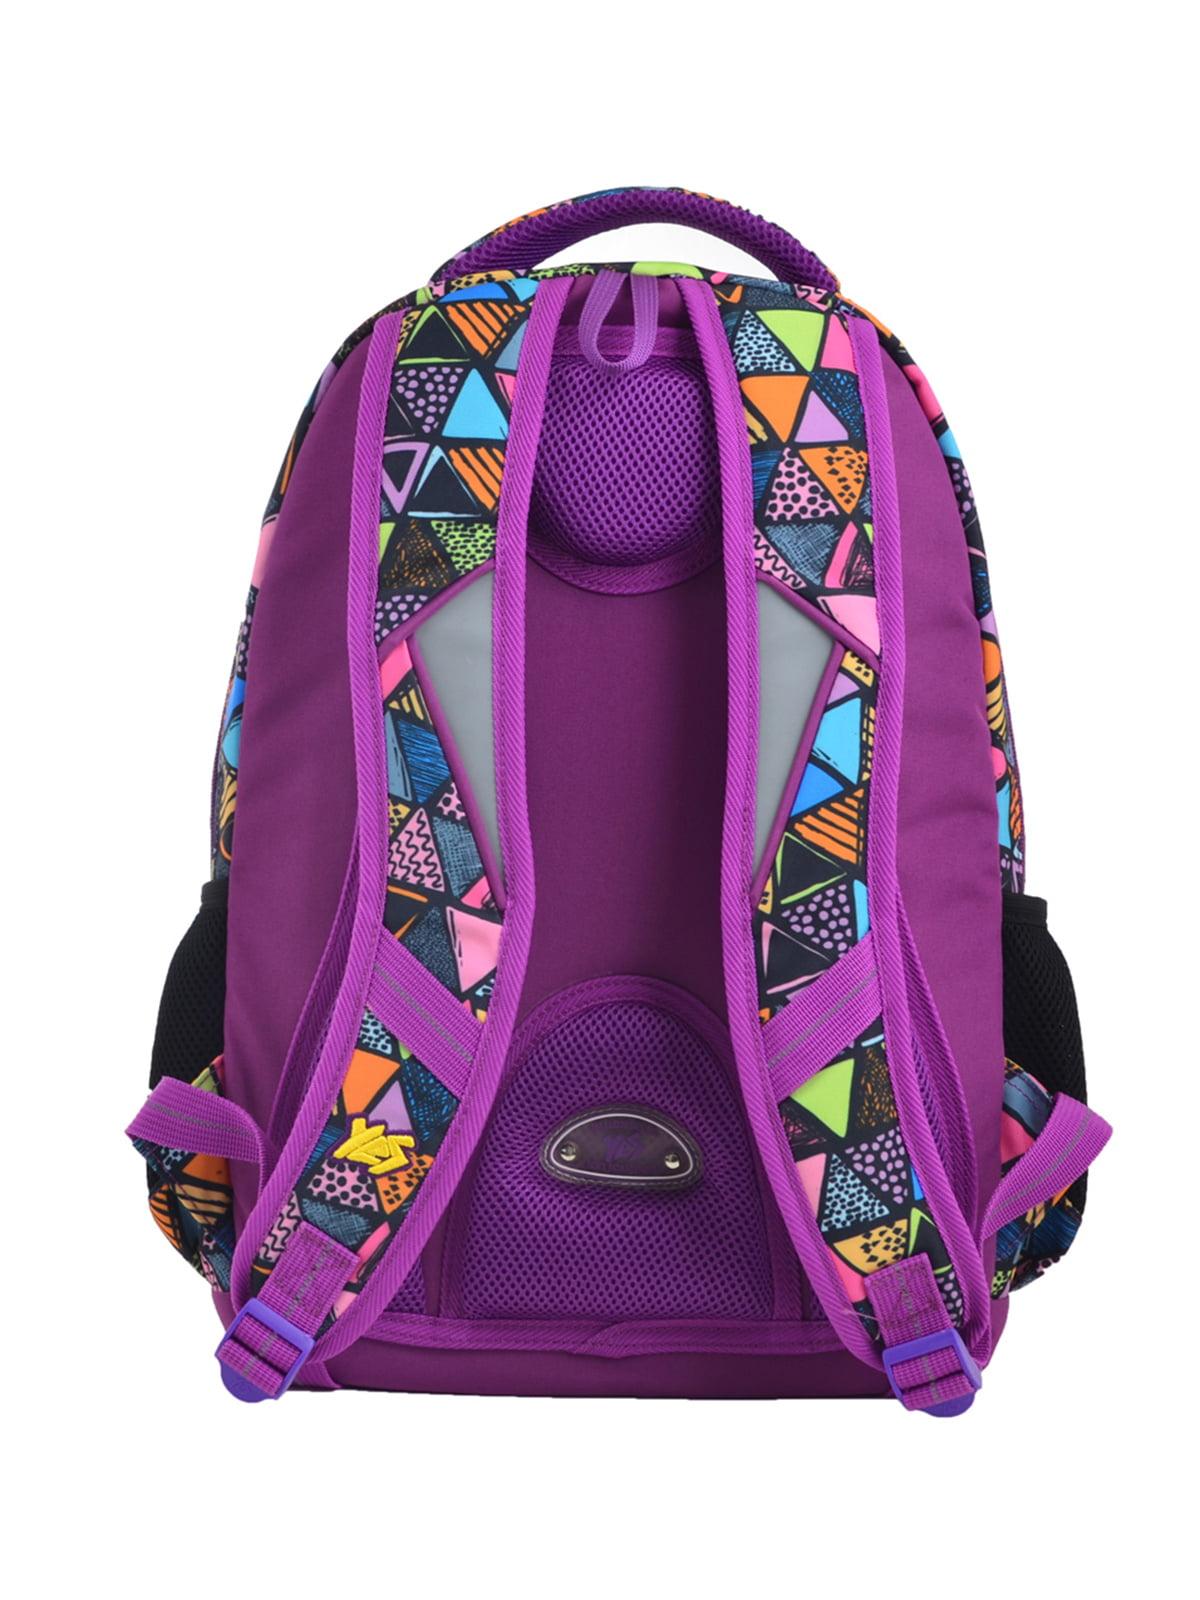 Рюкзак фіолетовий в принт   4235693   фото 4